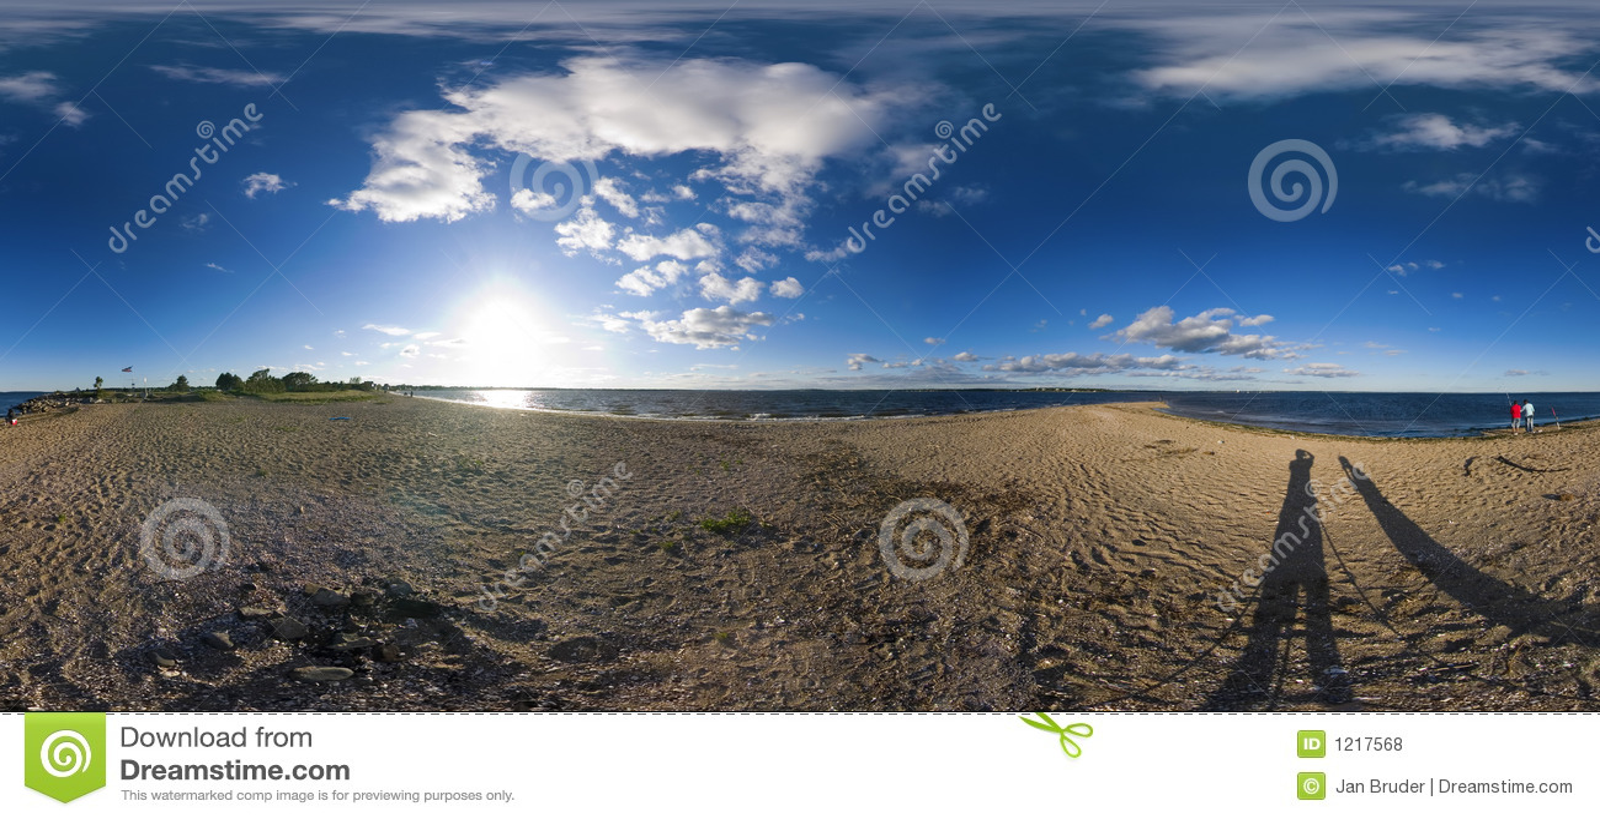 360 Degree Beach Panorama